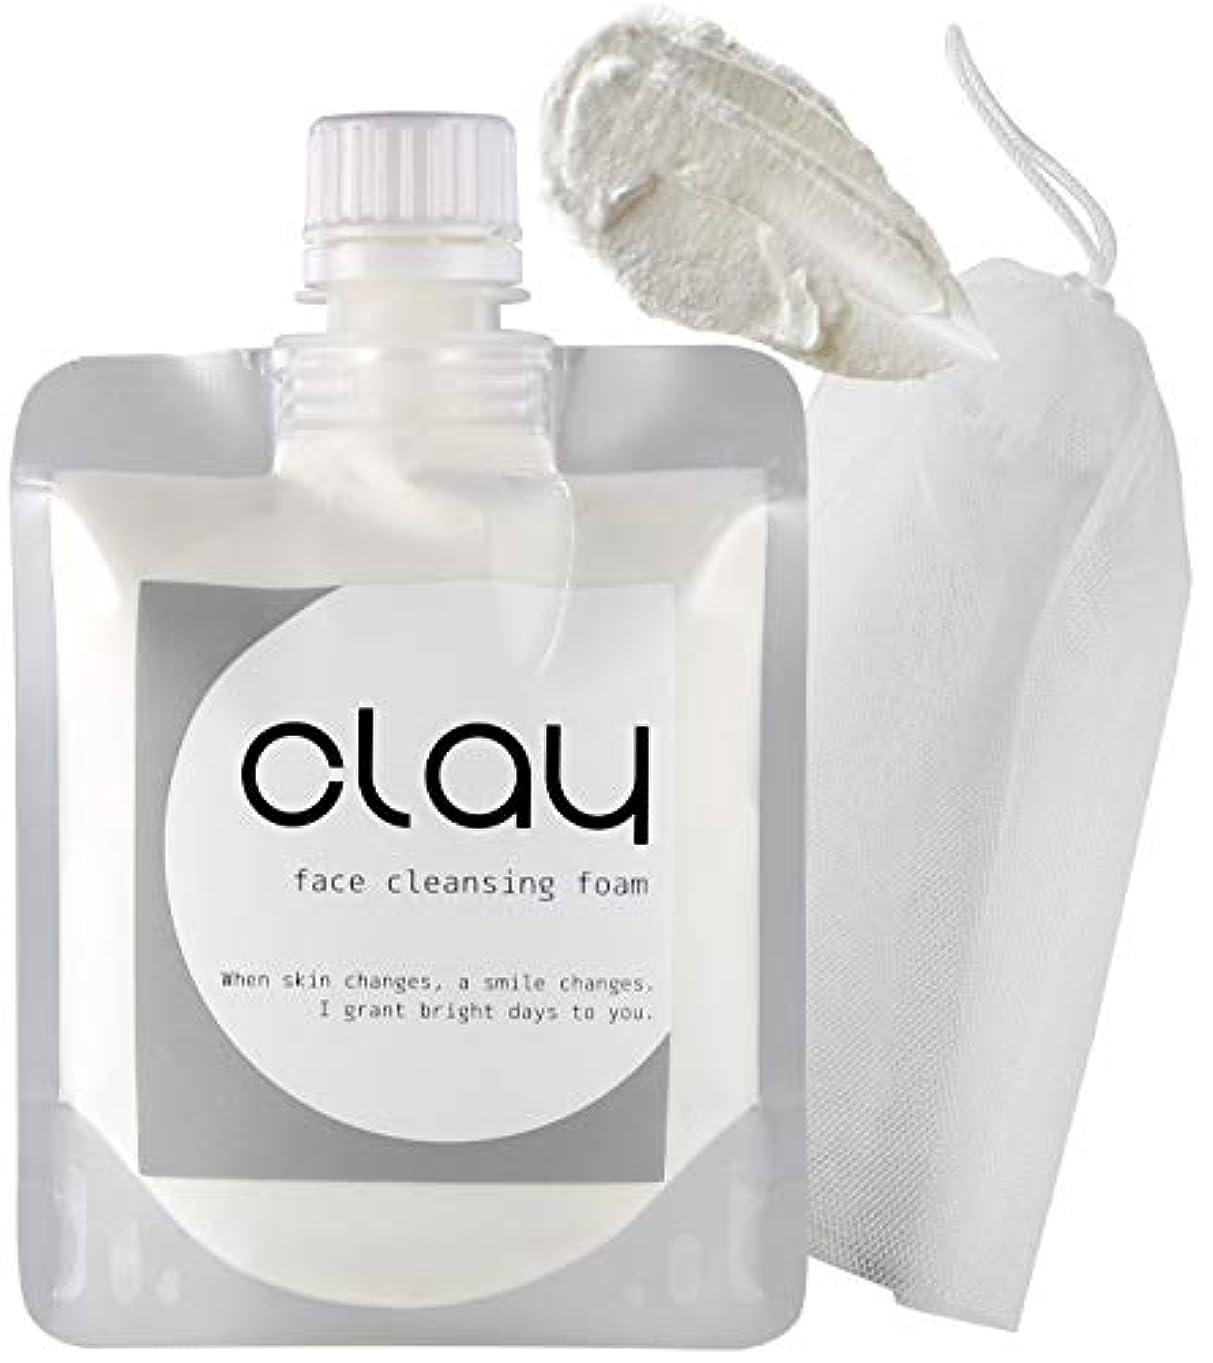 押し下げるスリップやりがいのあるSTAR'S クレイ 泥 洗顔 オーガニック 【 毛穴 黒ずみ 開き ザラ付き 用】「 泡 ネット 付き」 40種類の植物エキス 16種類の美容成分 9つの無添加 透明感 柔肌 130g (Clay)